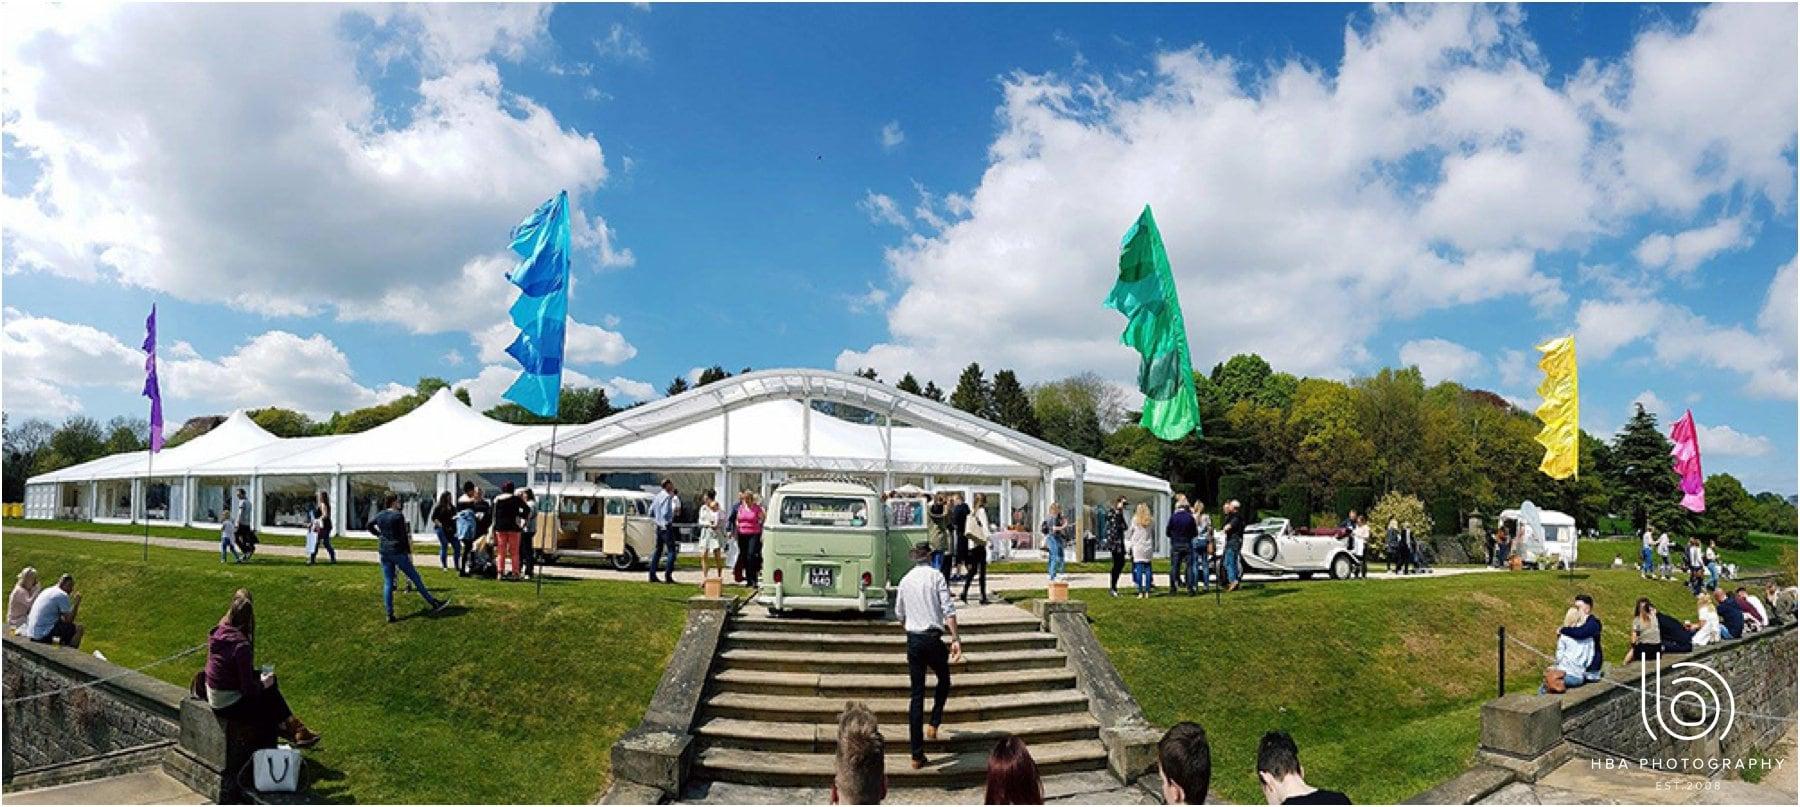 the giant wedding fair at Osmaston Park